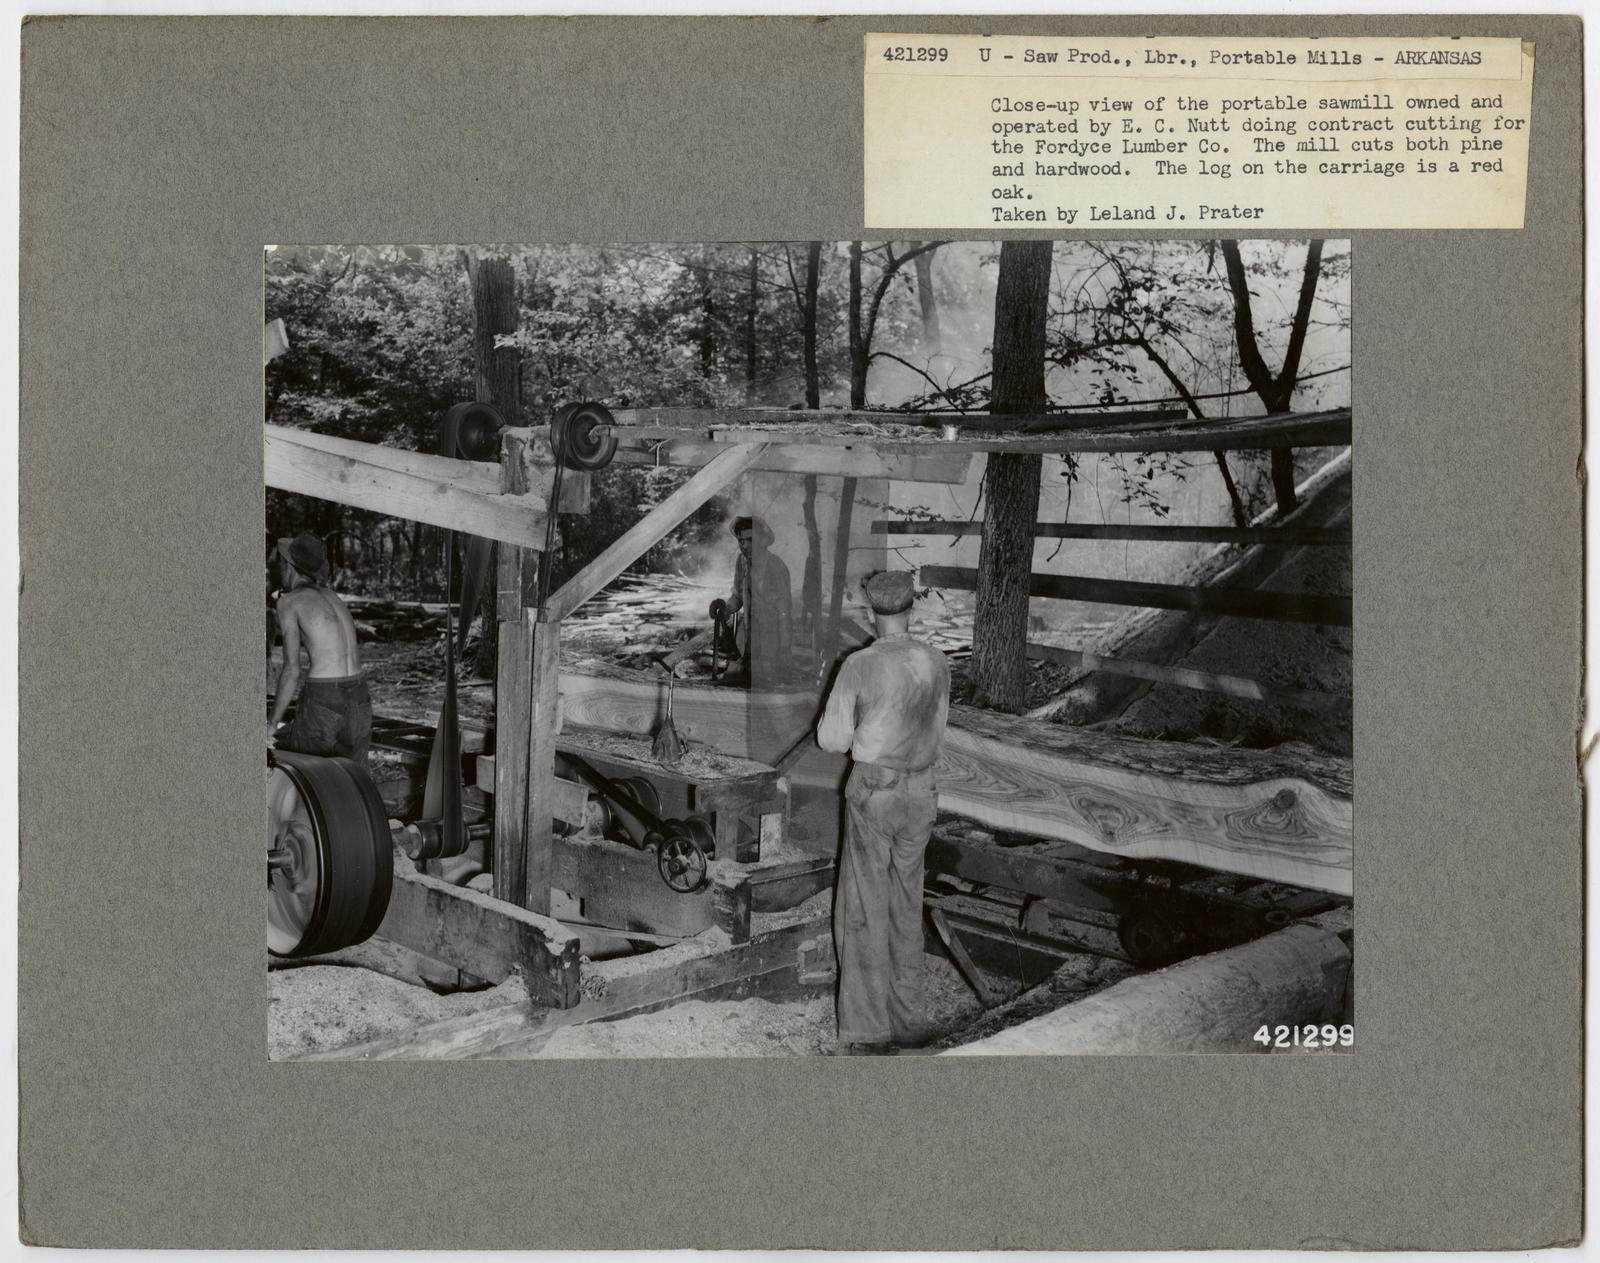 Small Sawmills - Arkansas